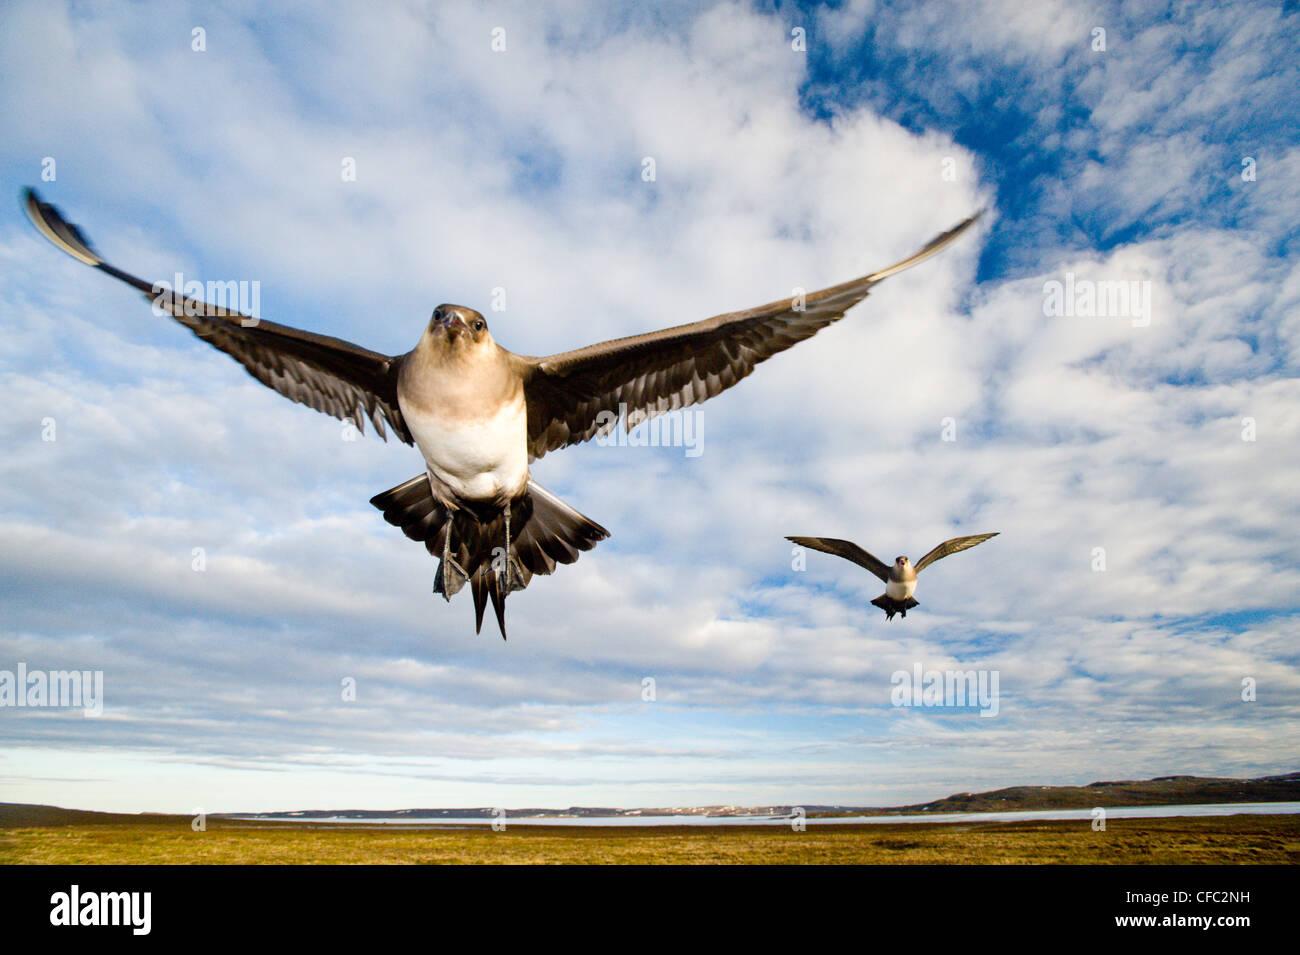 Jaegers parasitarias (Stercorarius parasiticus) defendiendo un nido cercano, Nunavut, Ártico Canadiense Foto de stock